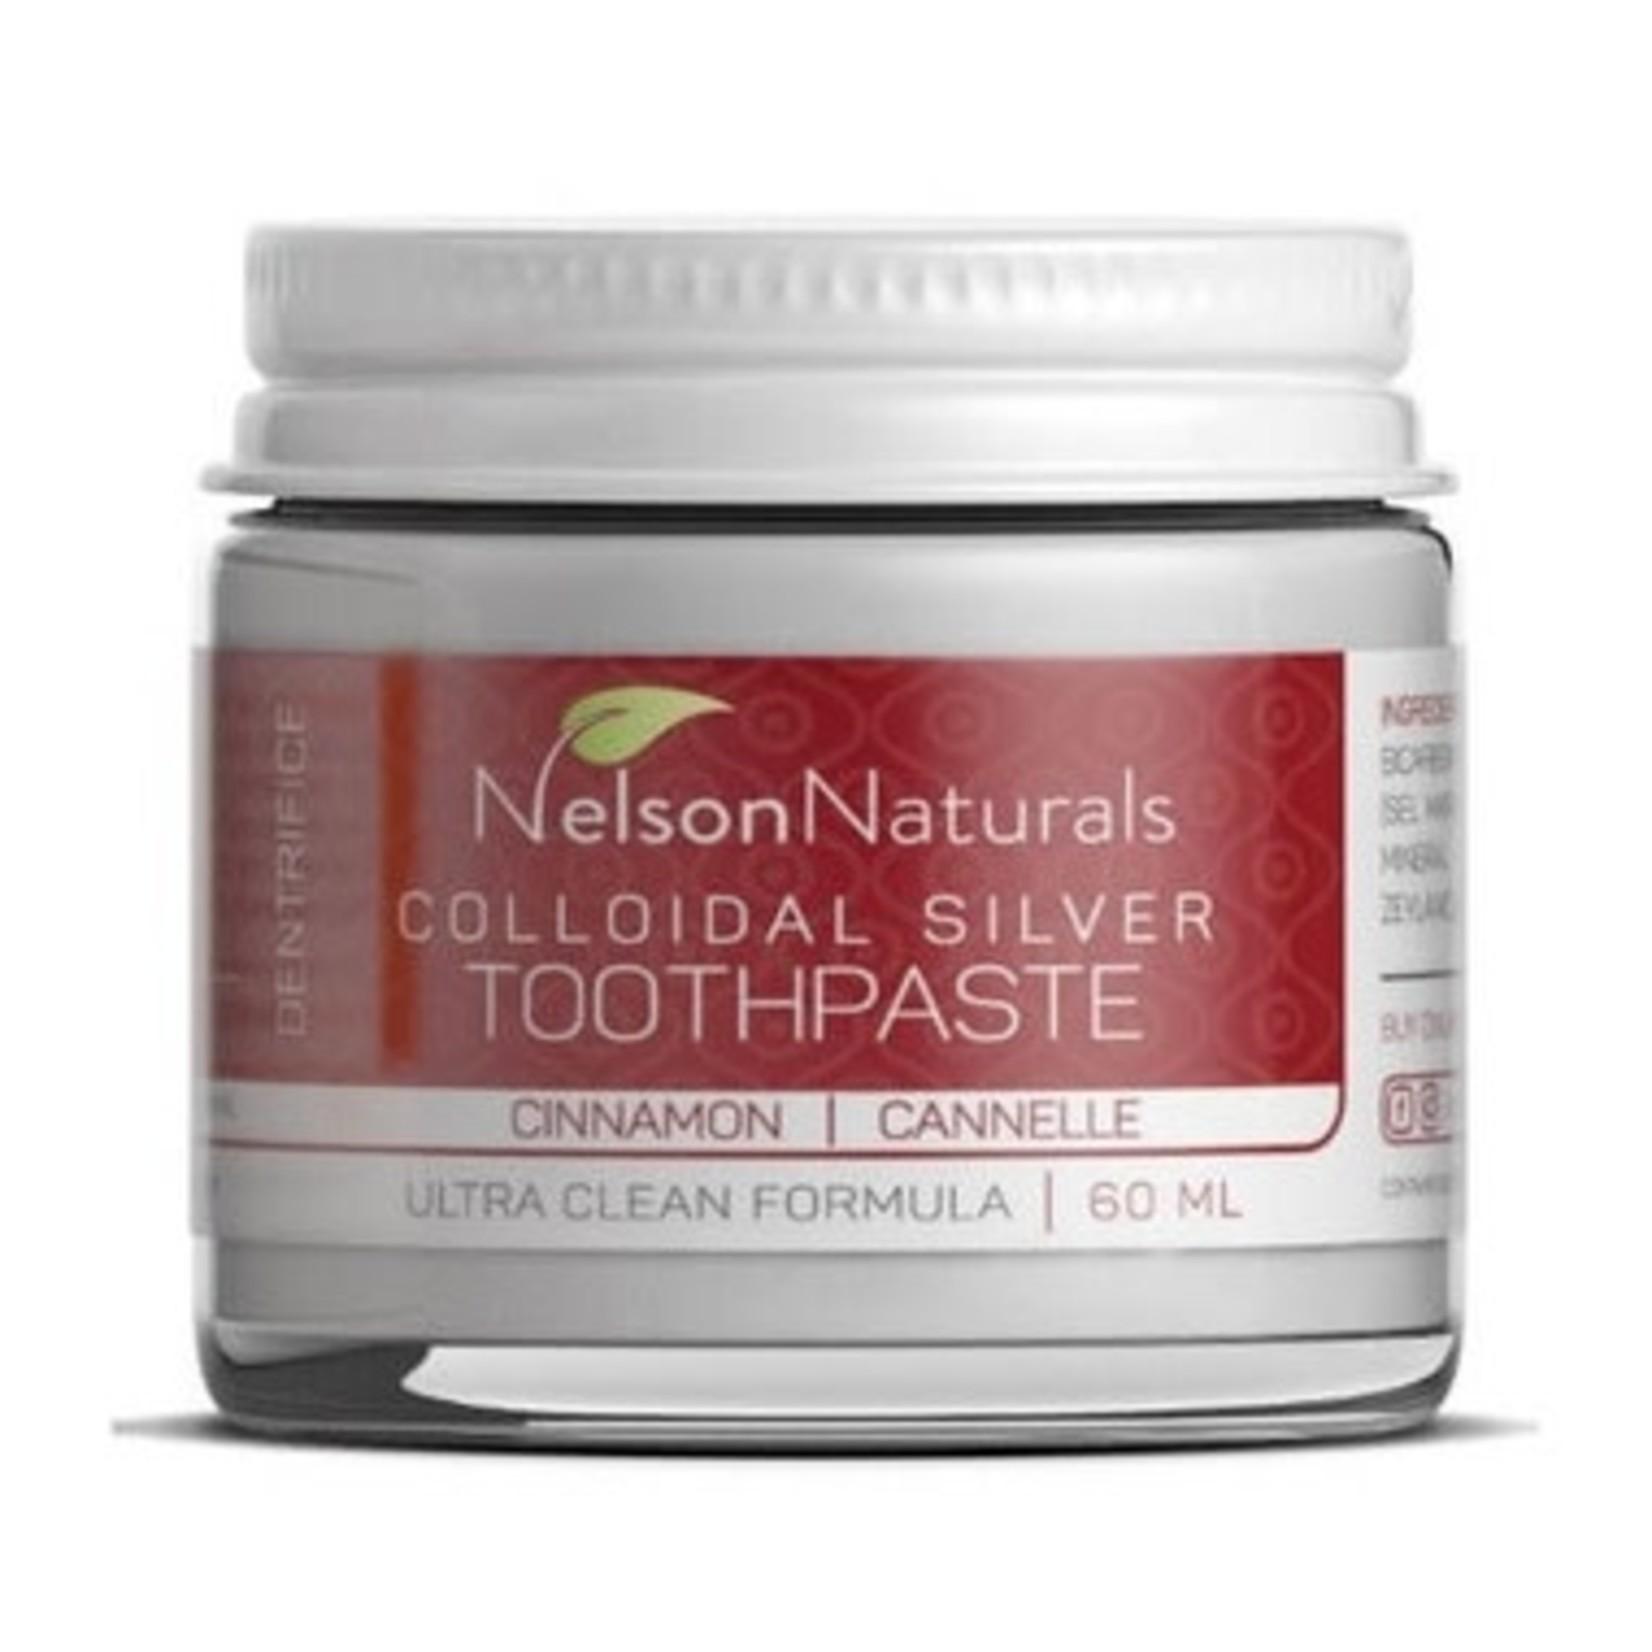 NELSON NATURALS TOOTHPASTE JAR - CINNAMON